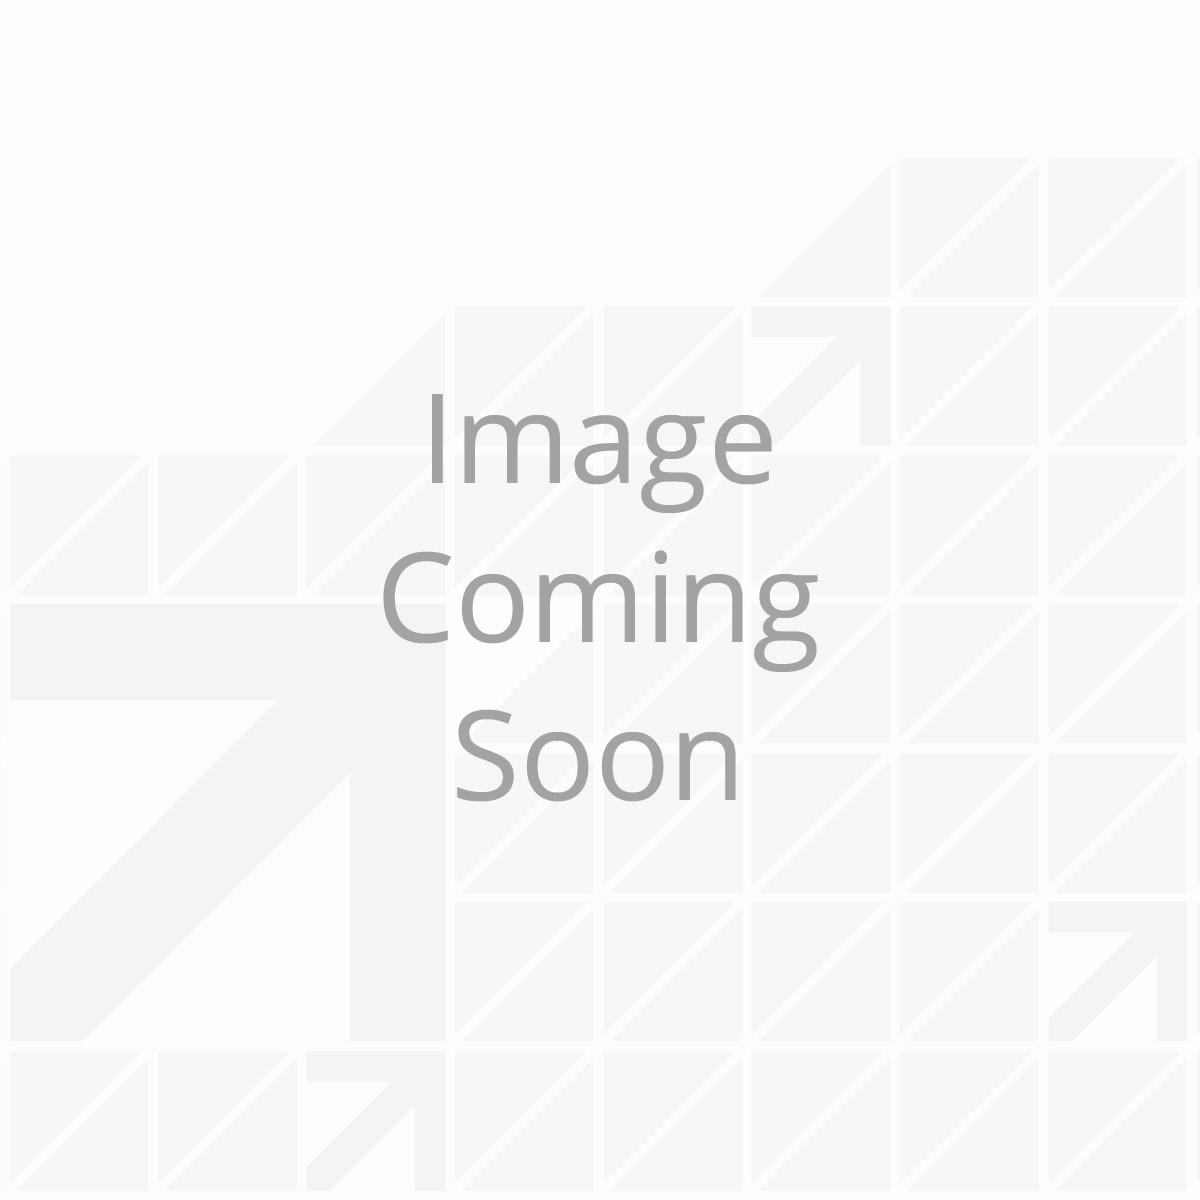 Rear Roller Shaft for Lippert Slide-Outs